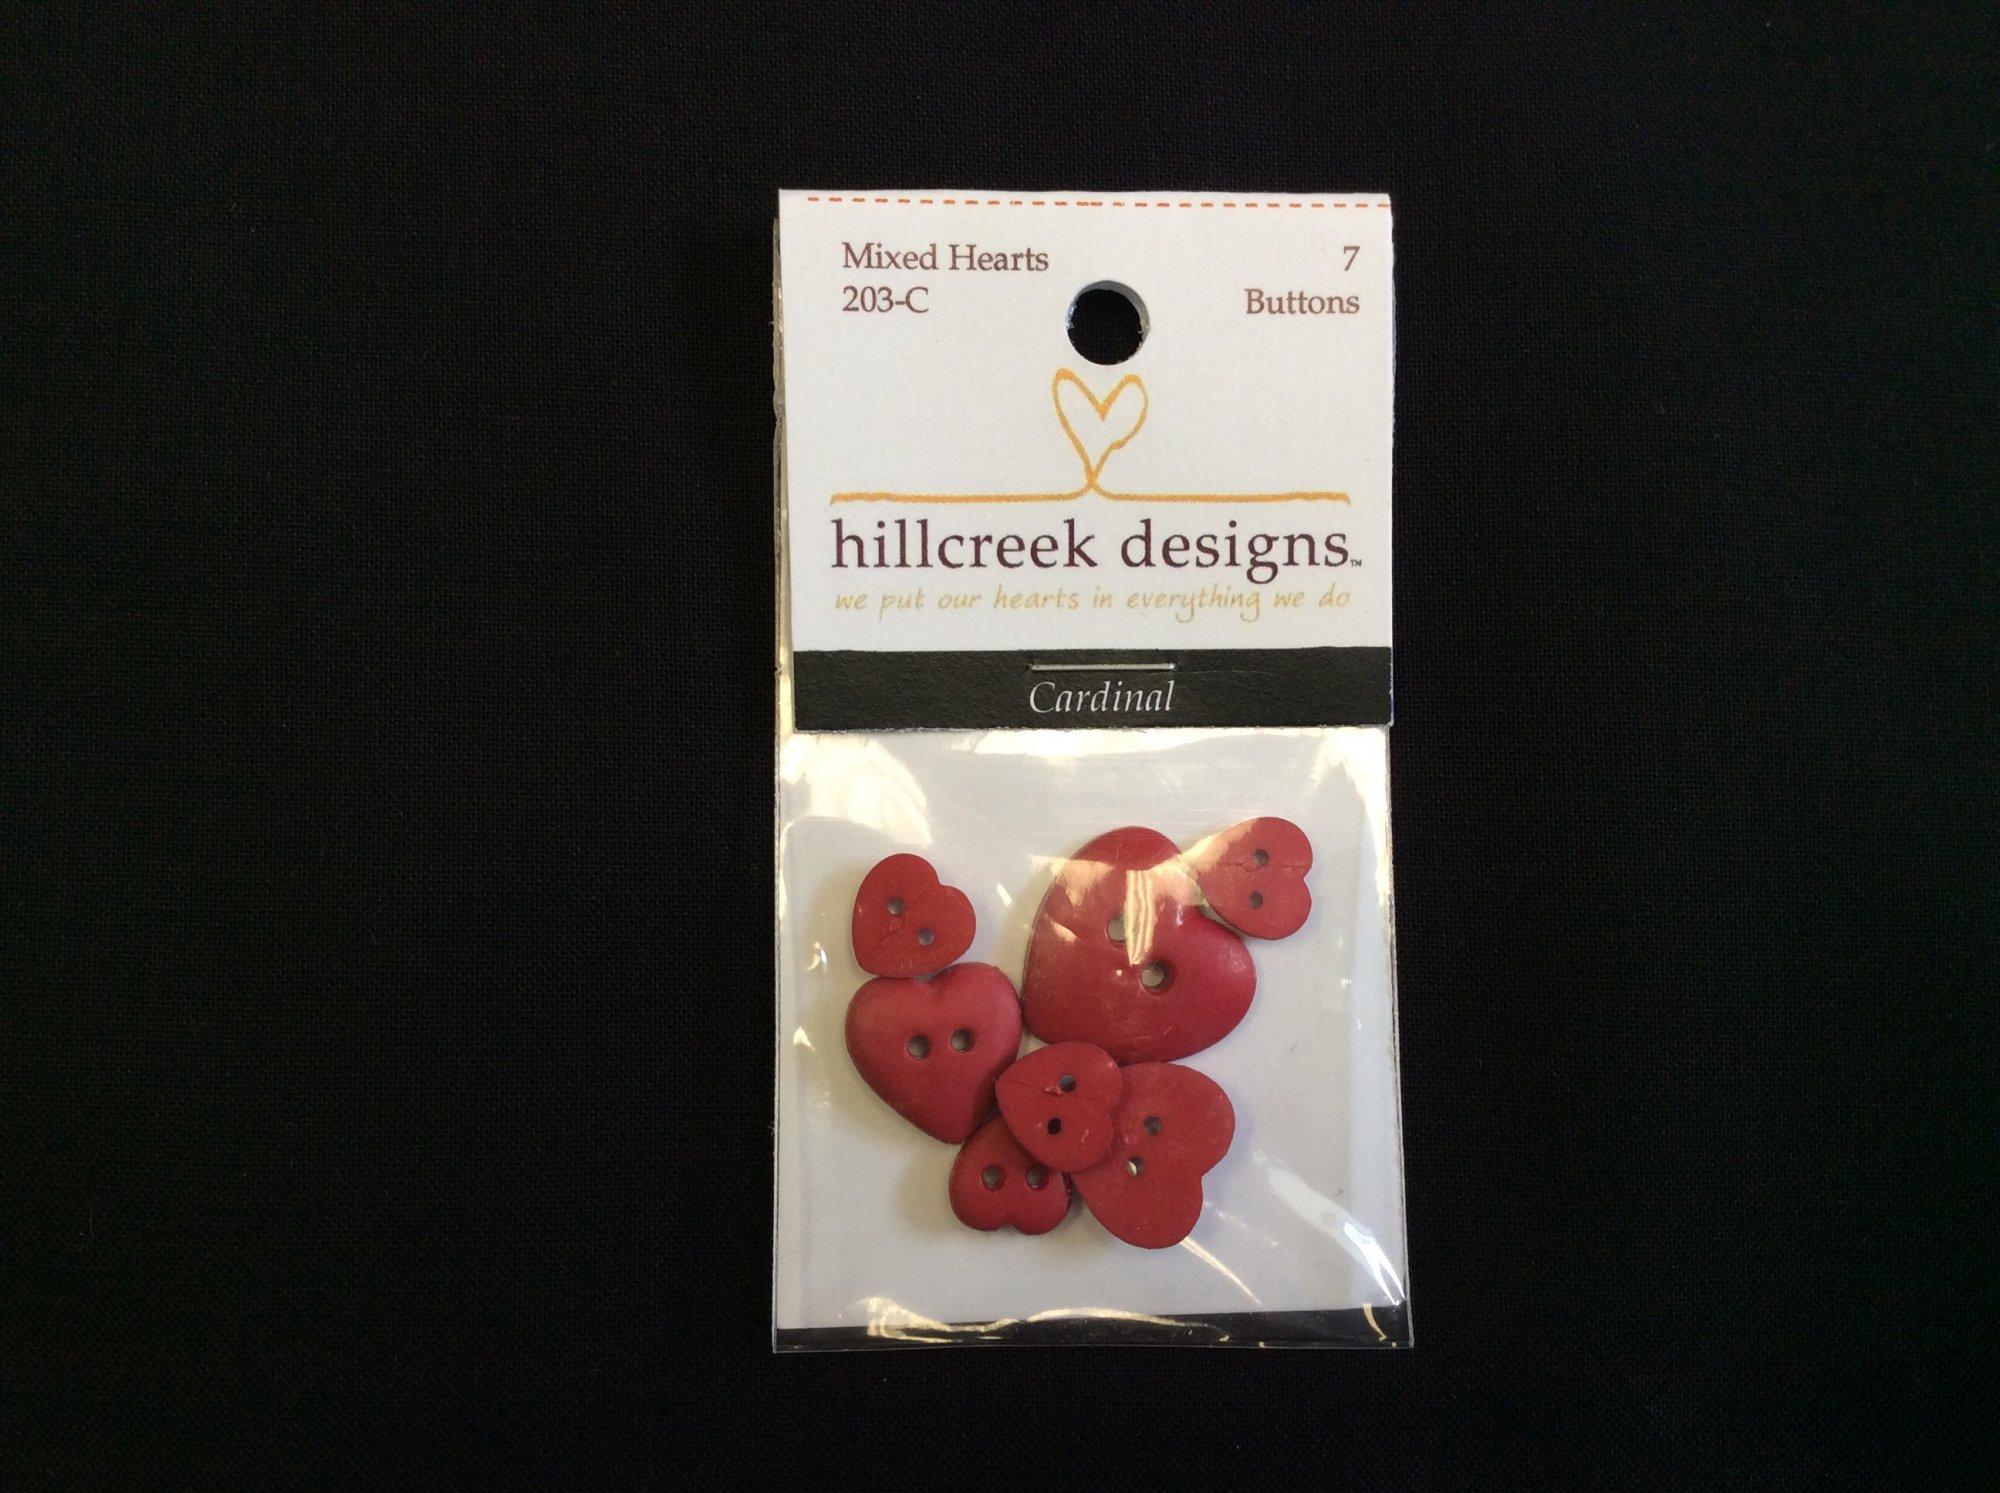 203-C Buttons Mixed Hearts Cardinal